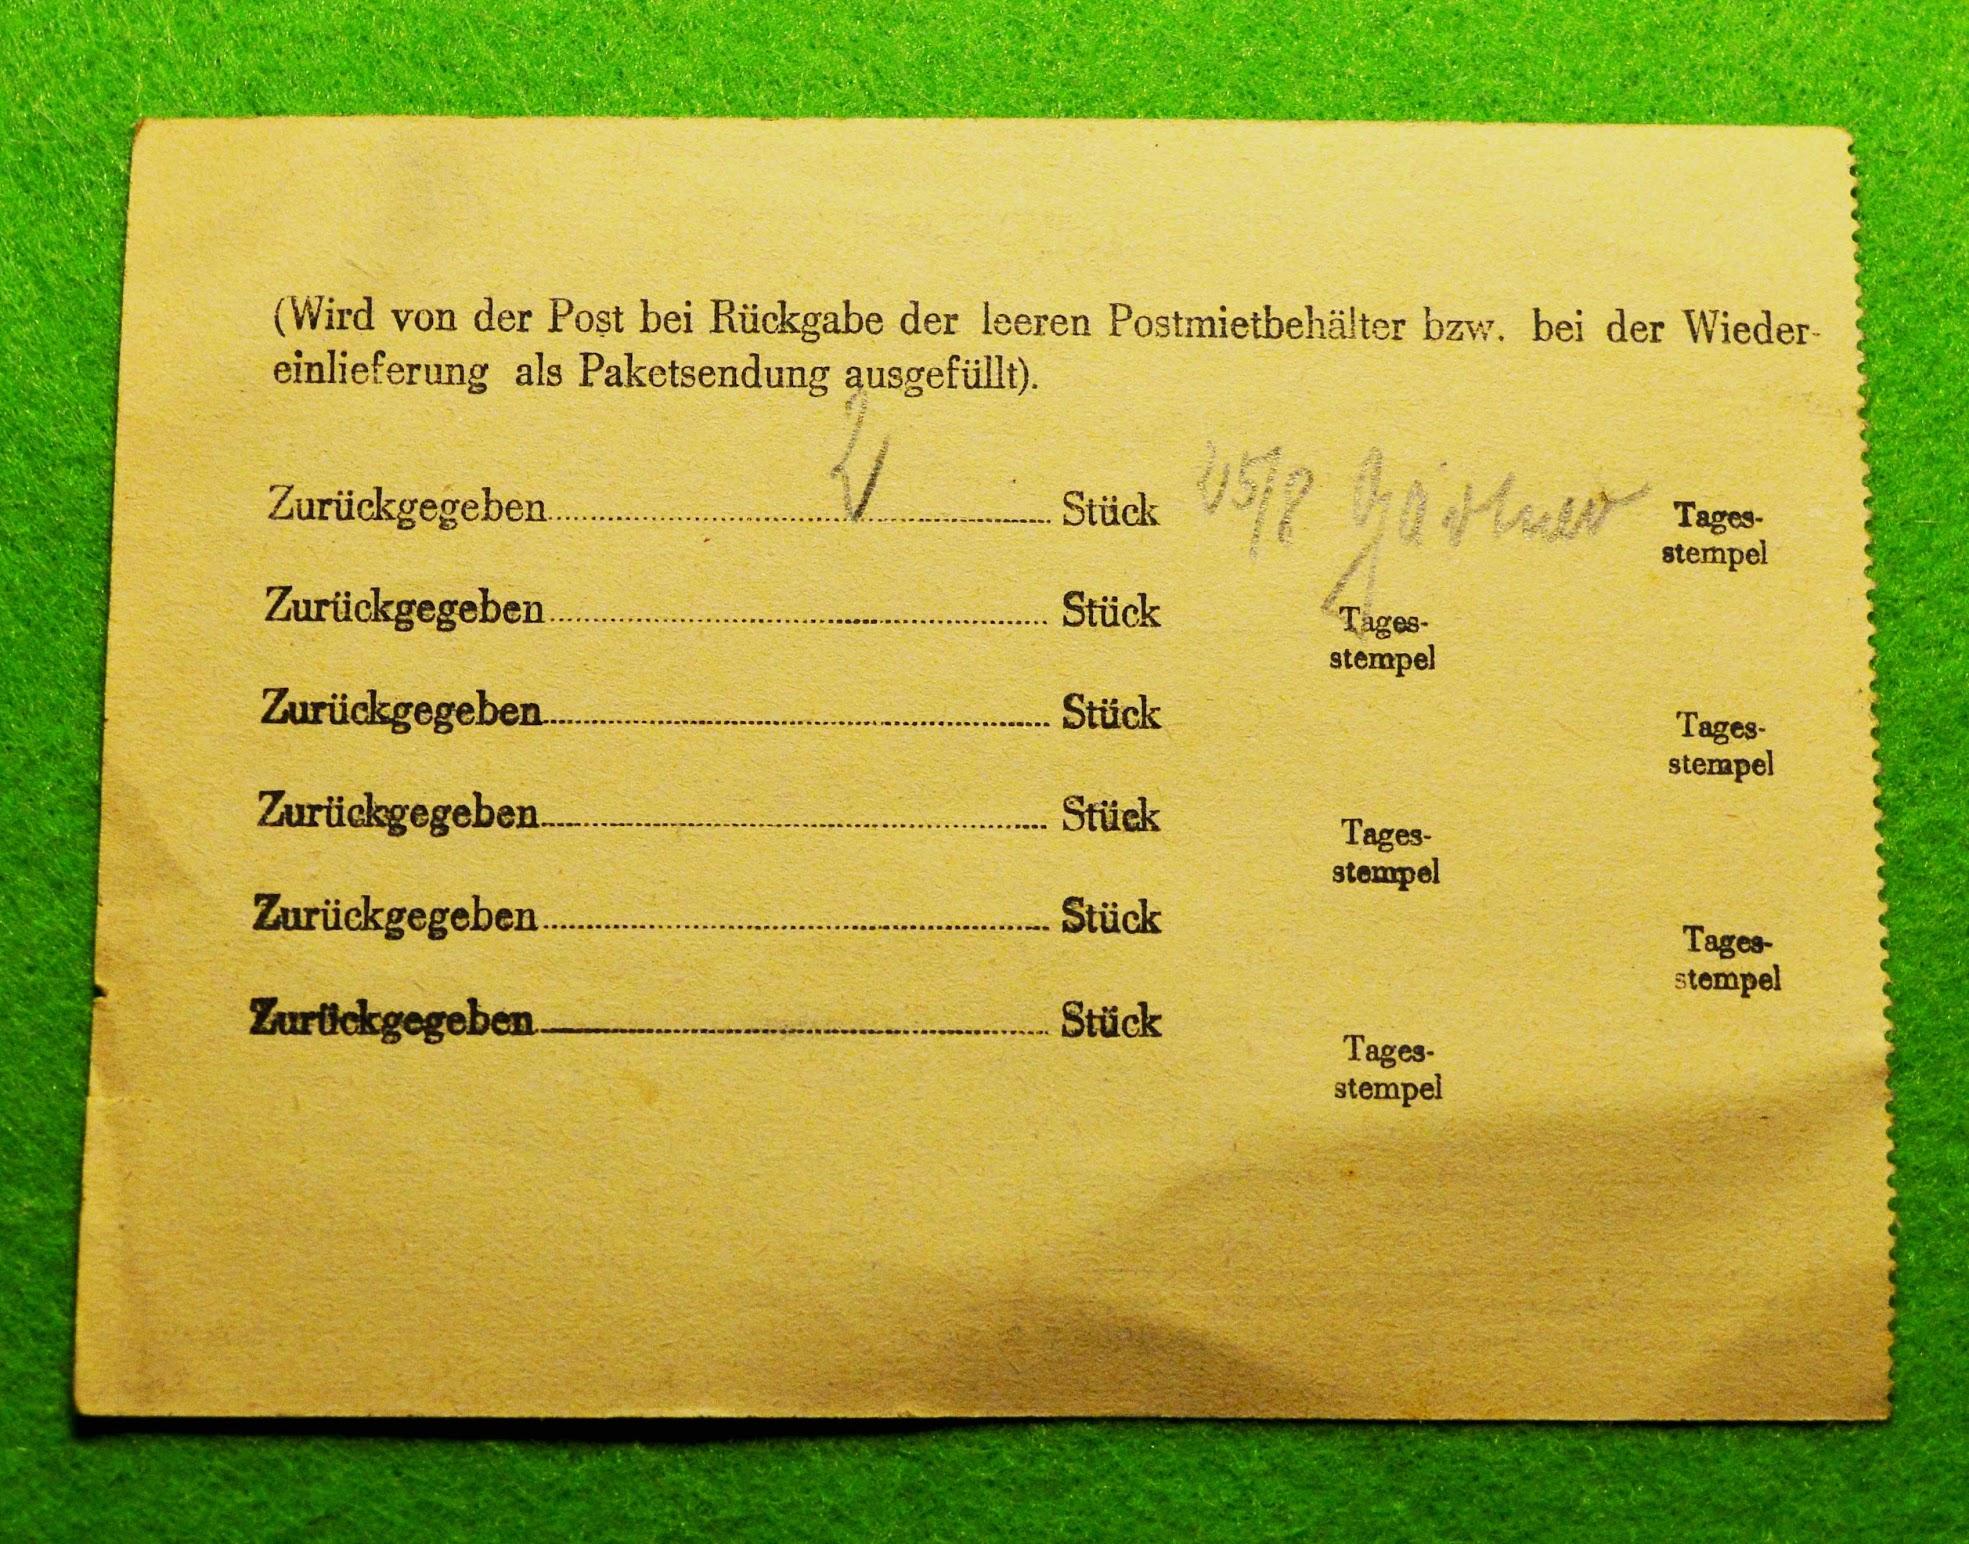 Formular zur Ausleihe eines Postmietbehälters, 1956, DDR